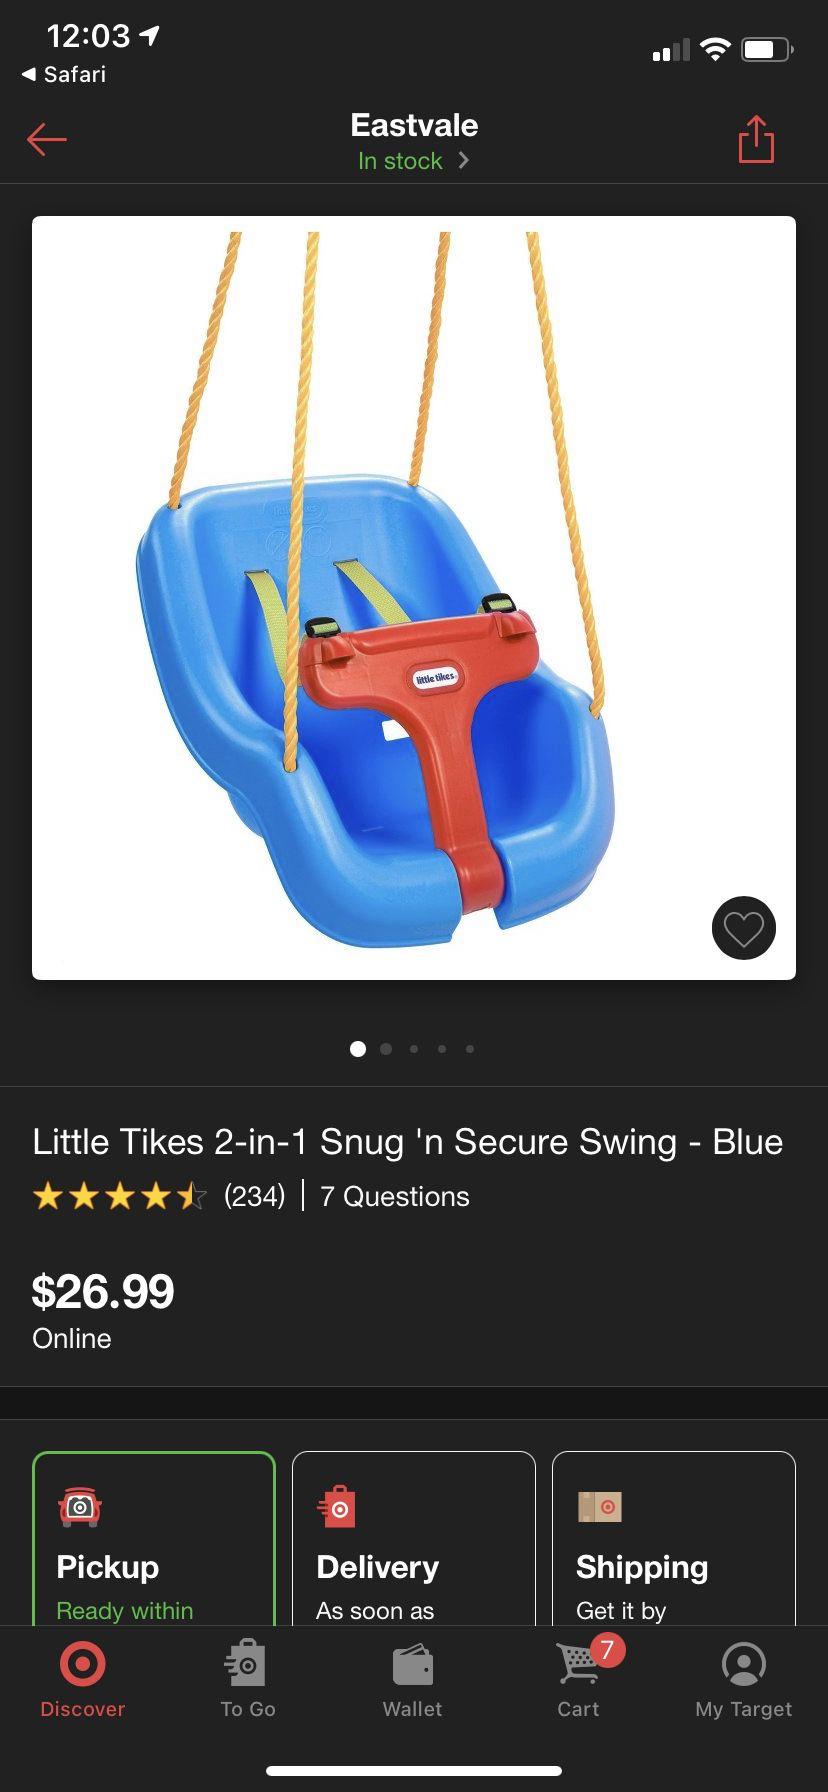 2 Little Tikes Swings